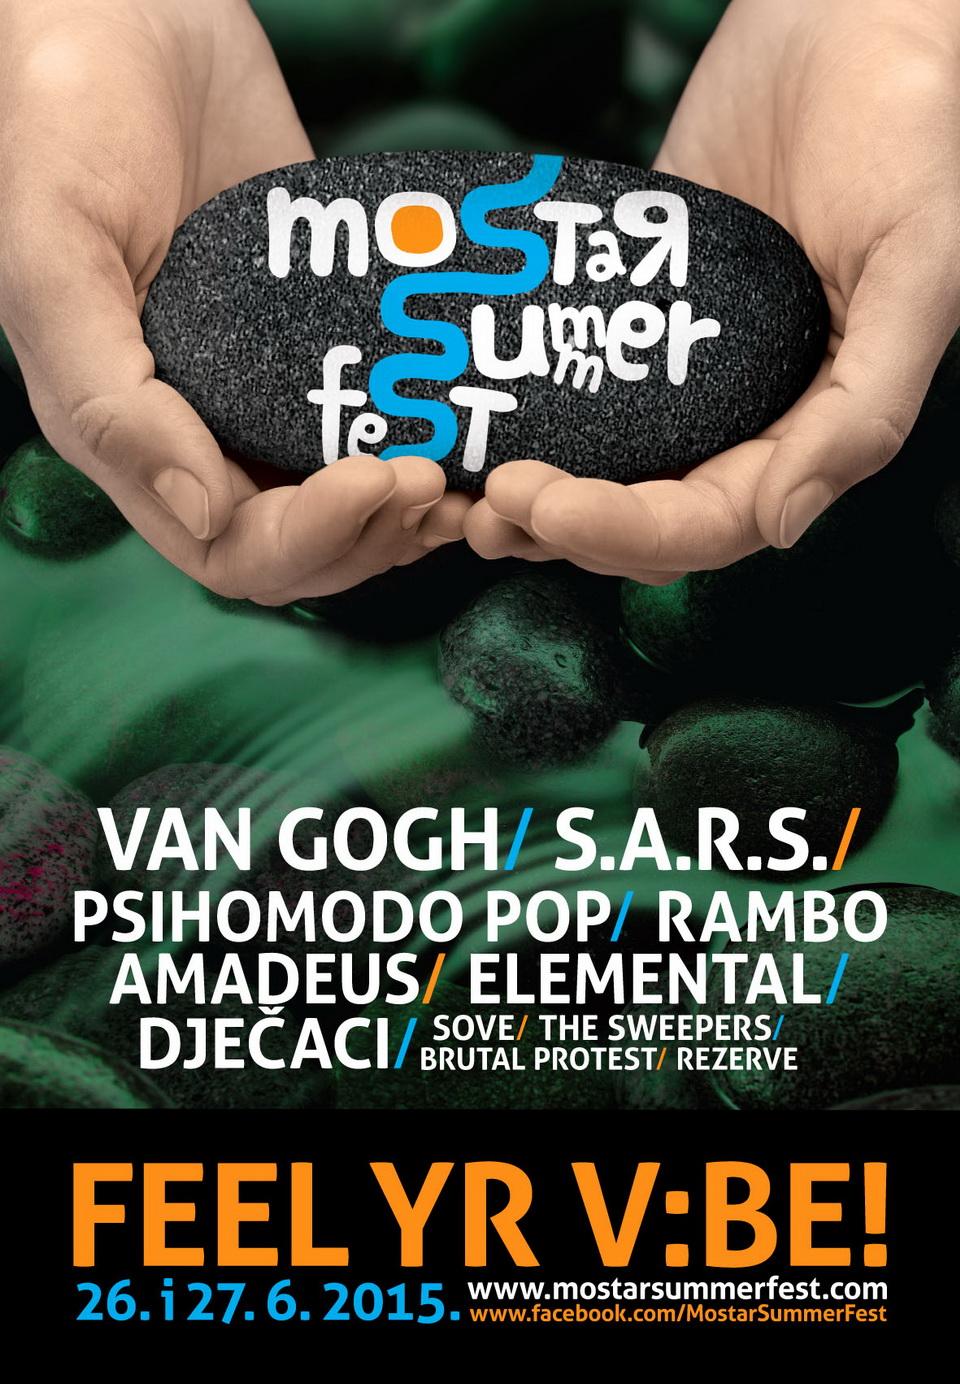 Mostar Summer Fest 2015 line up